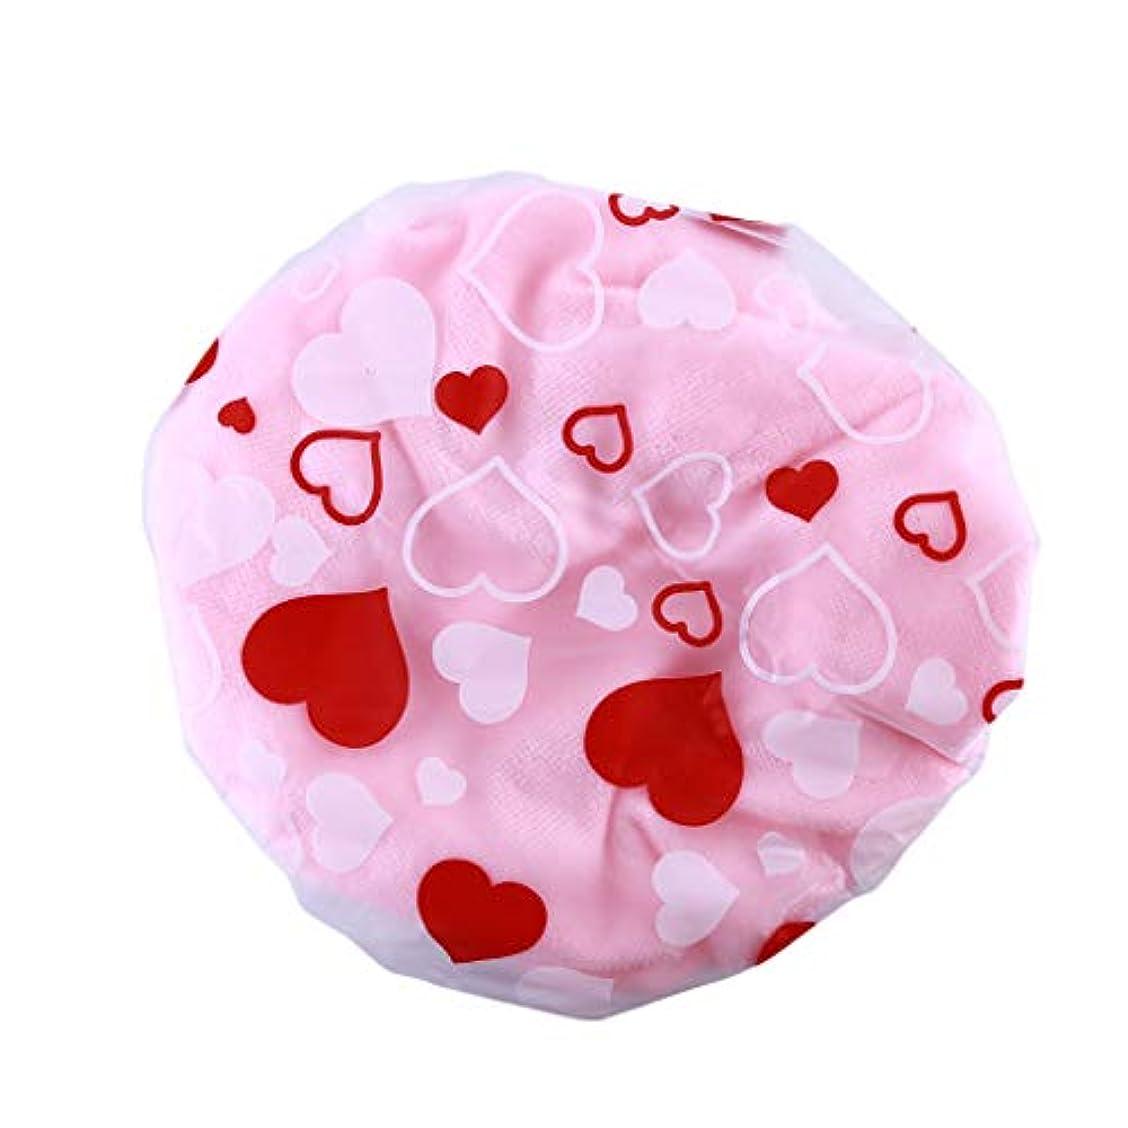 ジレンマアジア人平らなMARUIKAO シャワーキャップ 入浴キャップ ヘアキャップ ヘアーターバン 帽子 お風呂 シャワー用に 5色